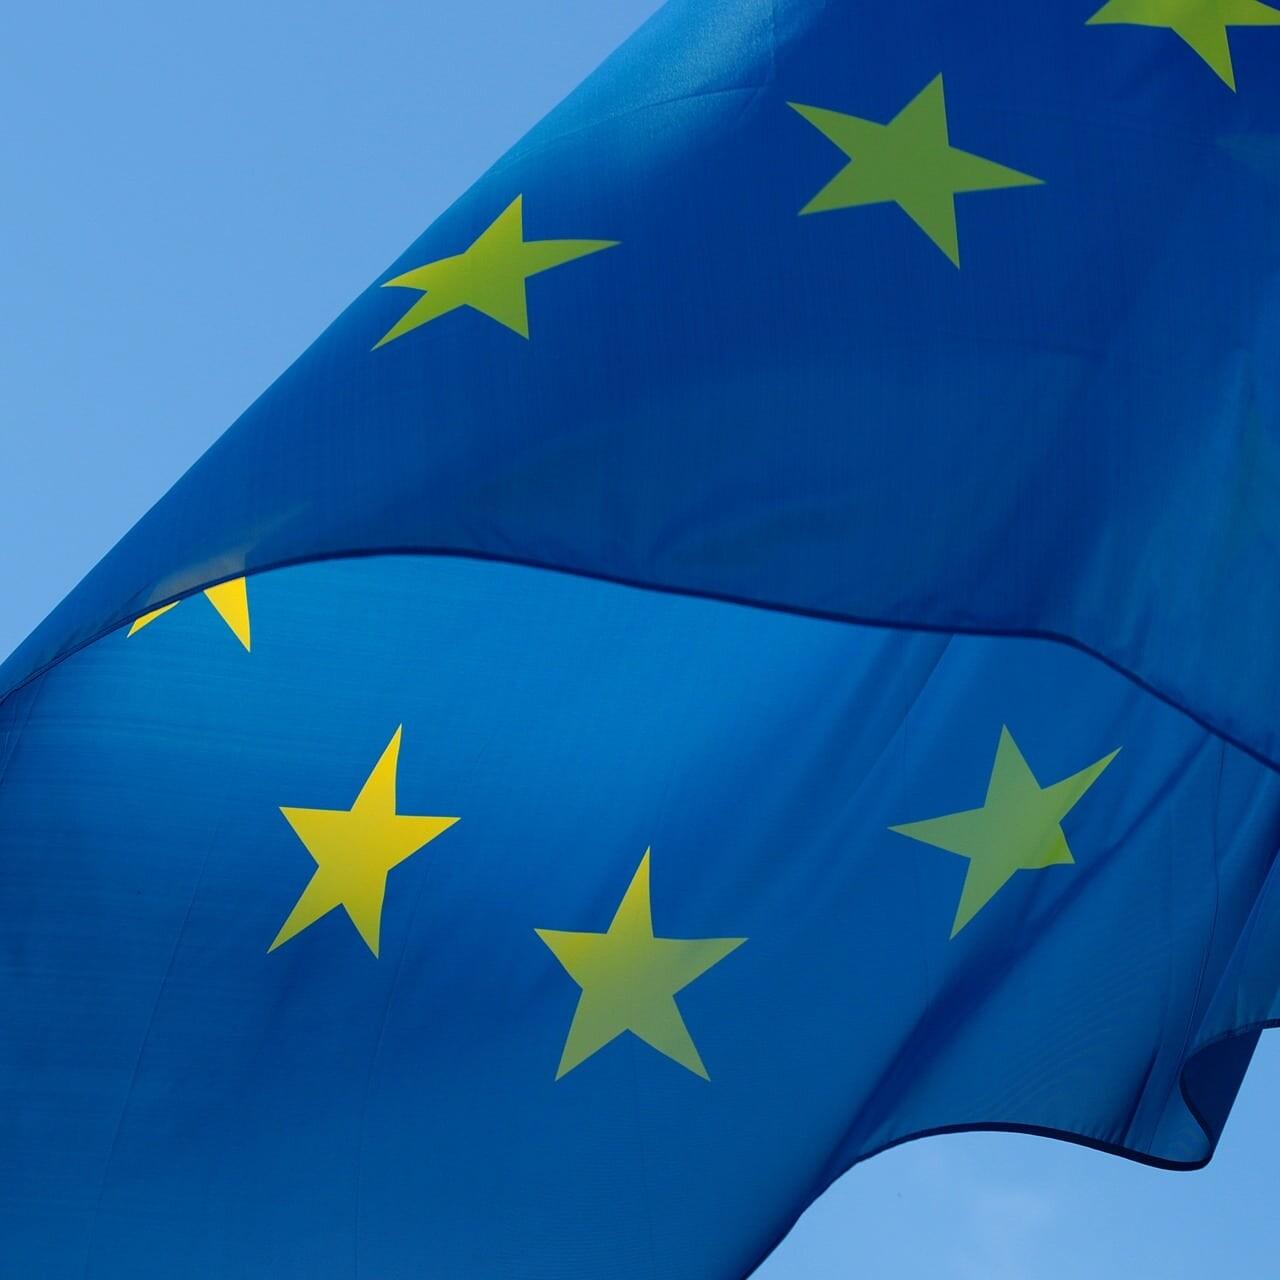 Ue: la portata del nuovo Patto su Migrazione e Asilo